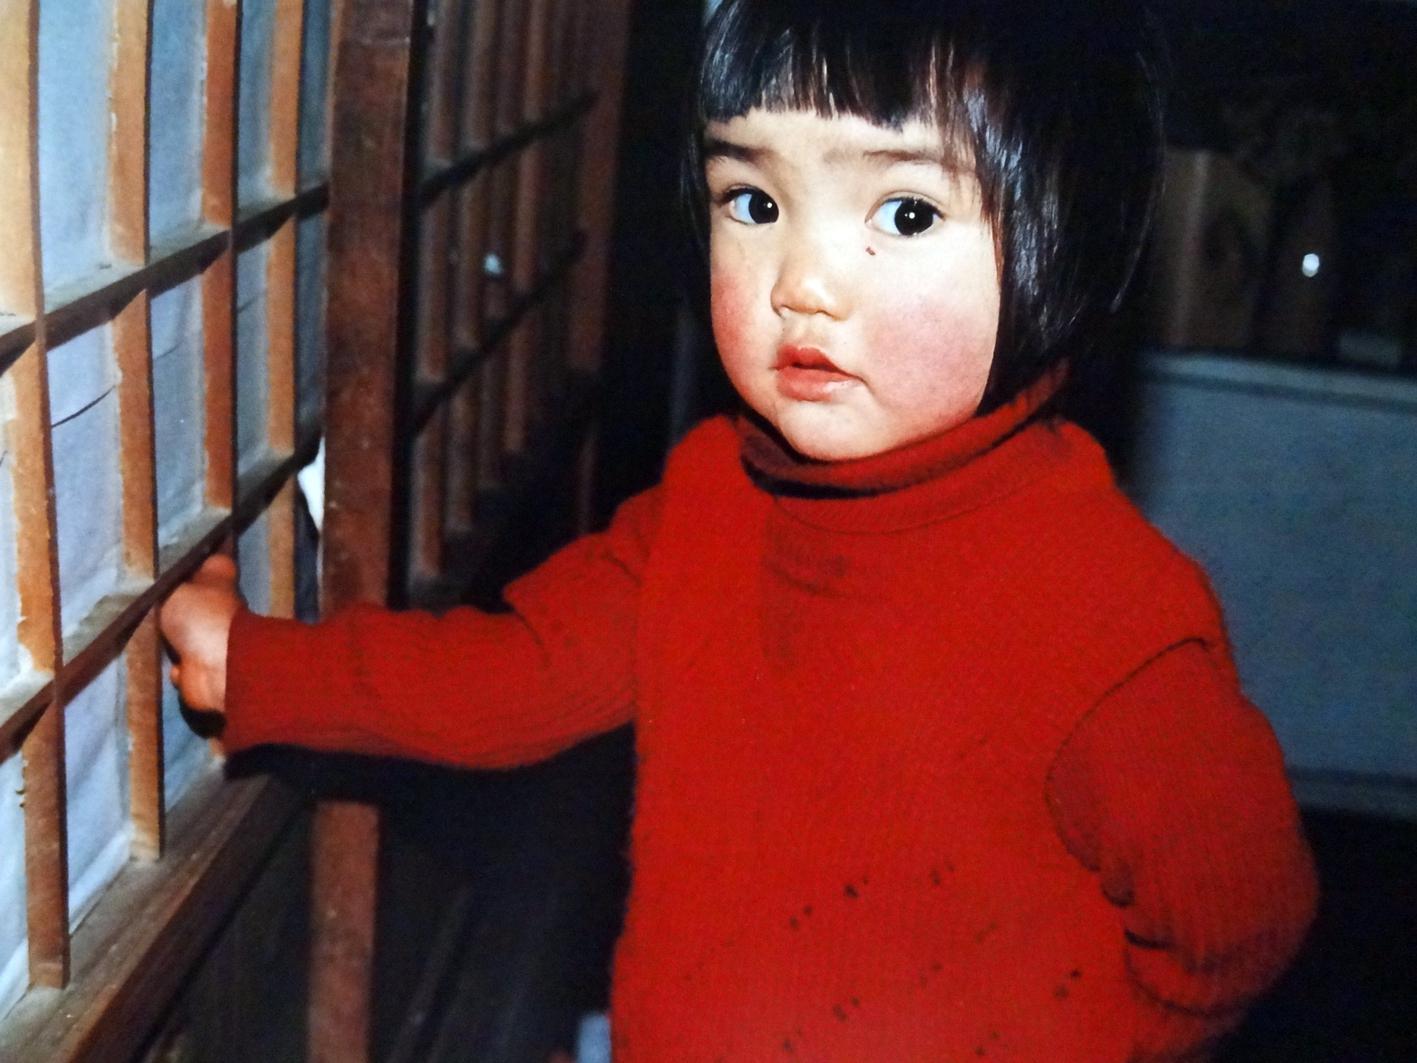 拍下这些照片的时候,爸爸们都去哪儿了-菲林中文-独立胶片摄影门户!